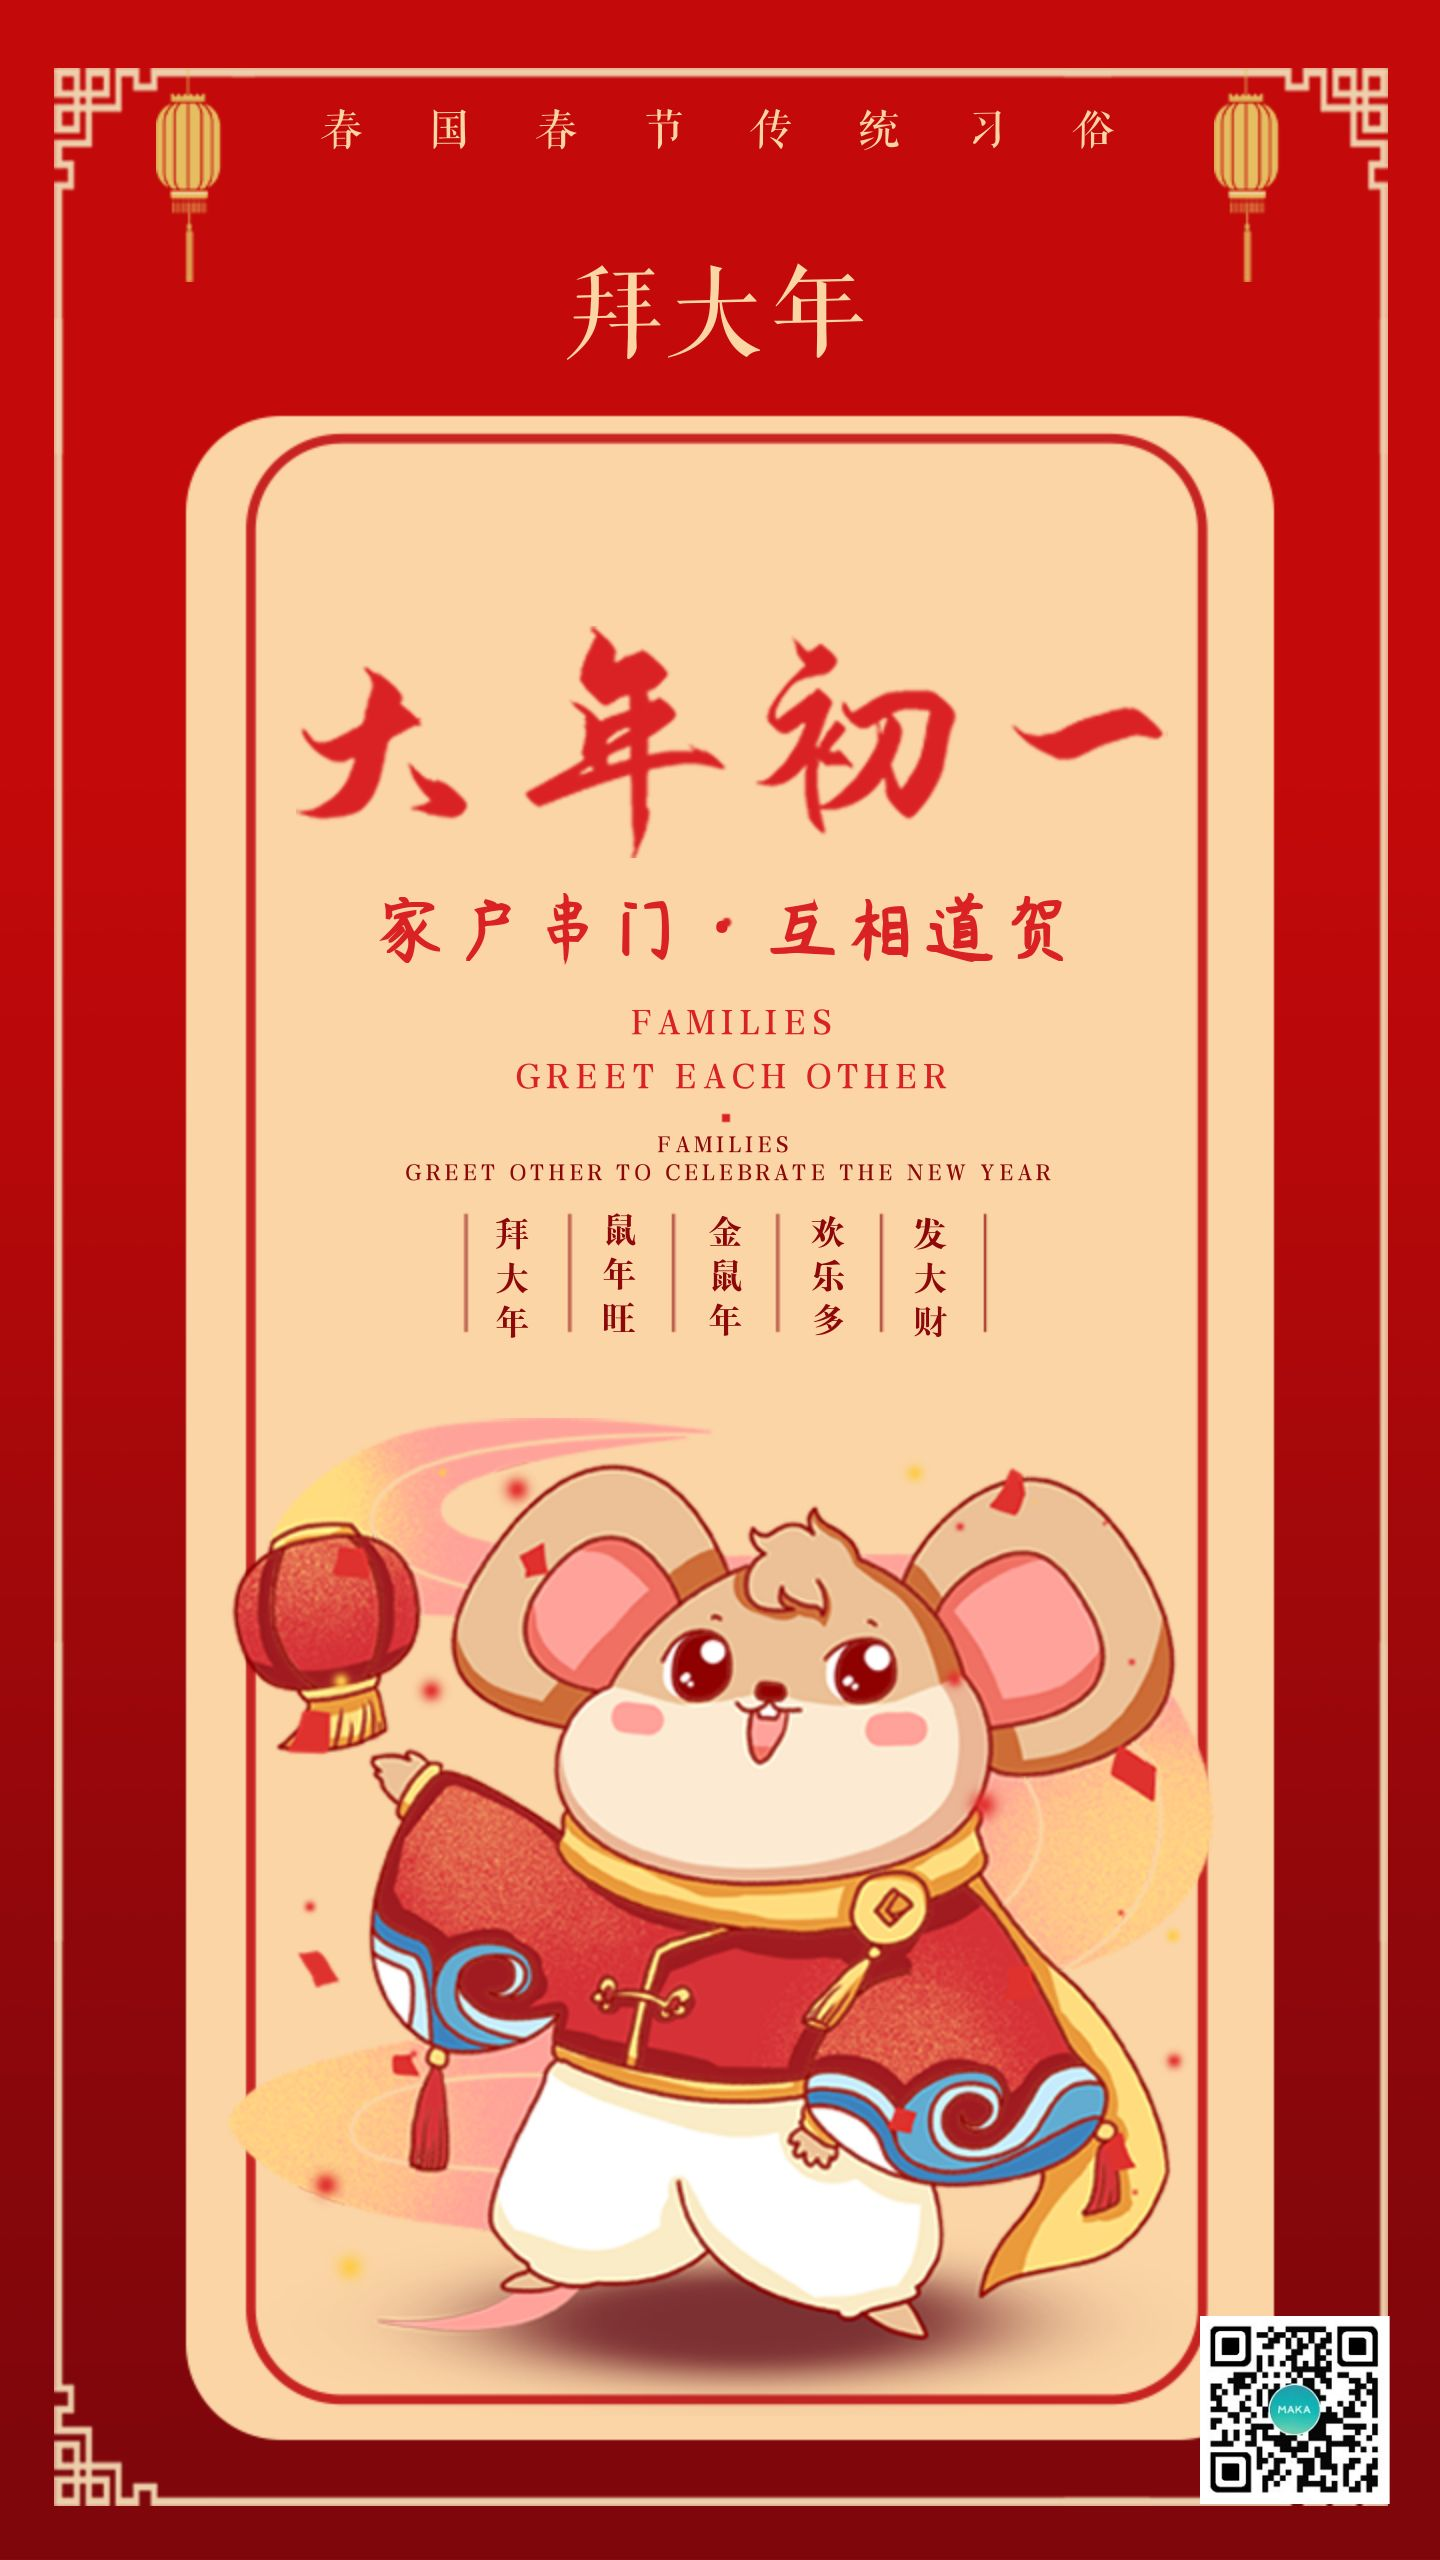 2020年新年鼠年春节大年初一拜年微信朋友圈祝福贺卡企业宣传邀请函日签海报